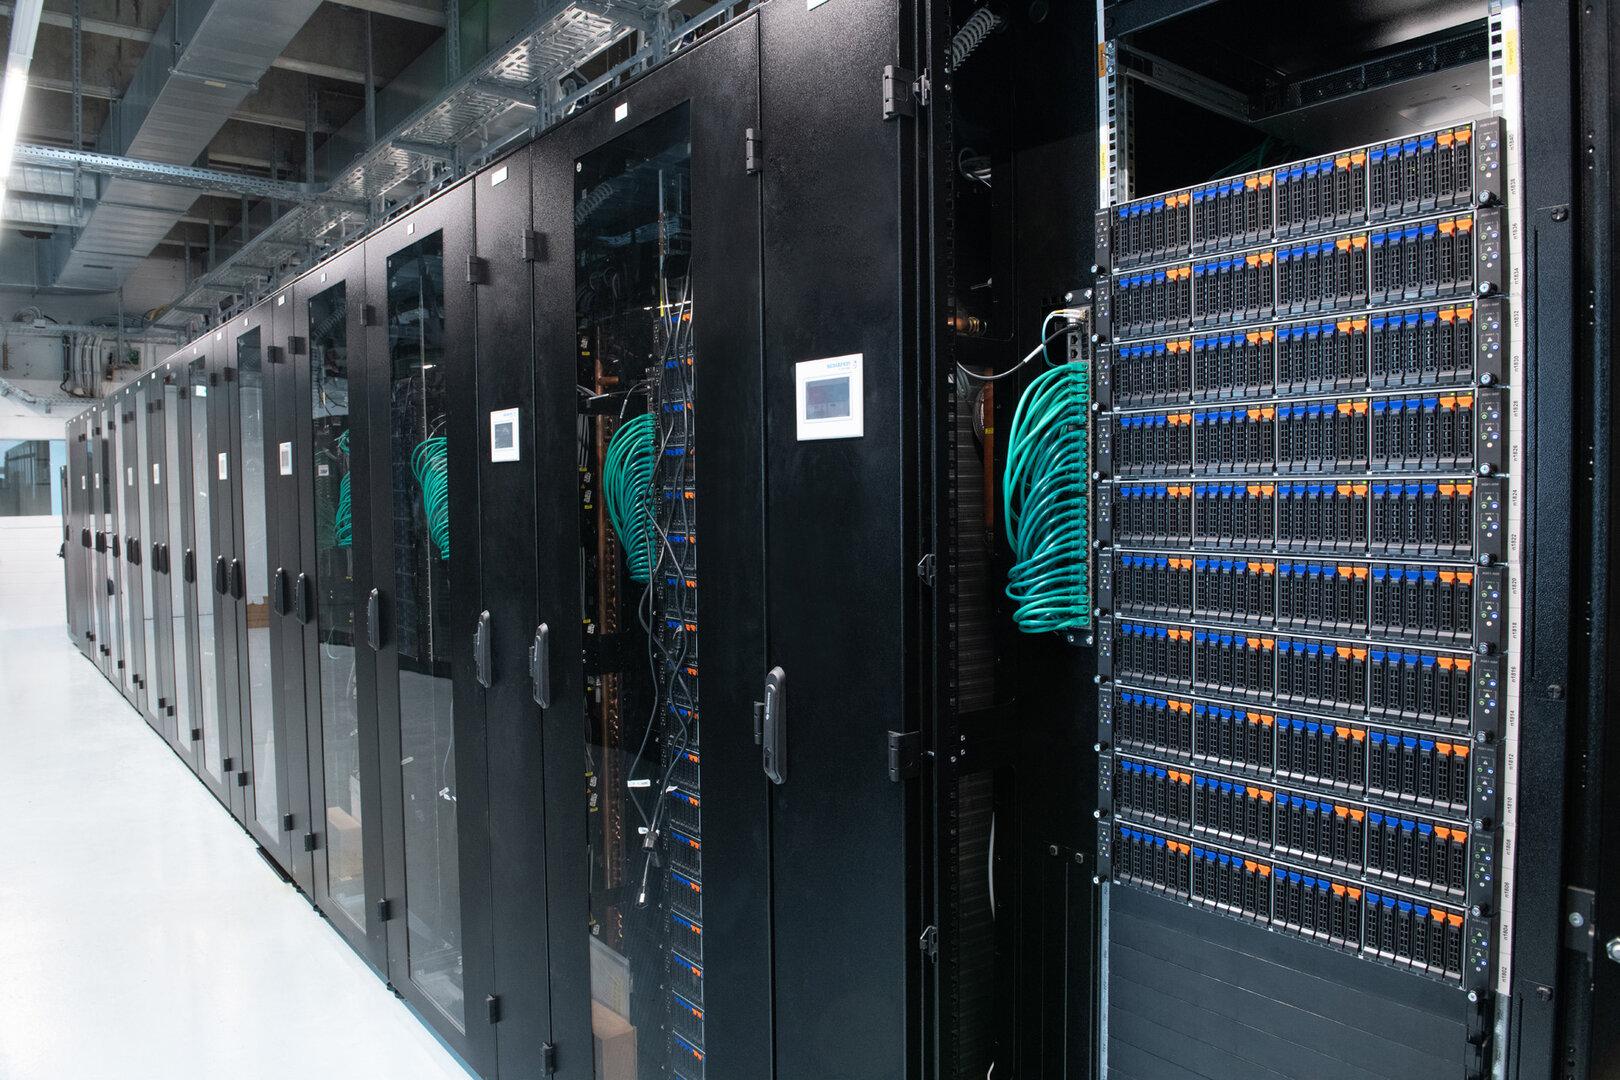 Der Supercomputer Justus 2 wird demnächst insbesondere von Forschergruppen aus der theoretischen Chemie sowie aus den Quantenwissenschaften genutzt